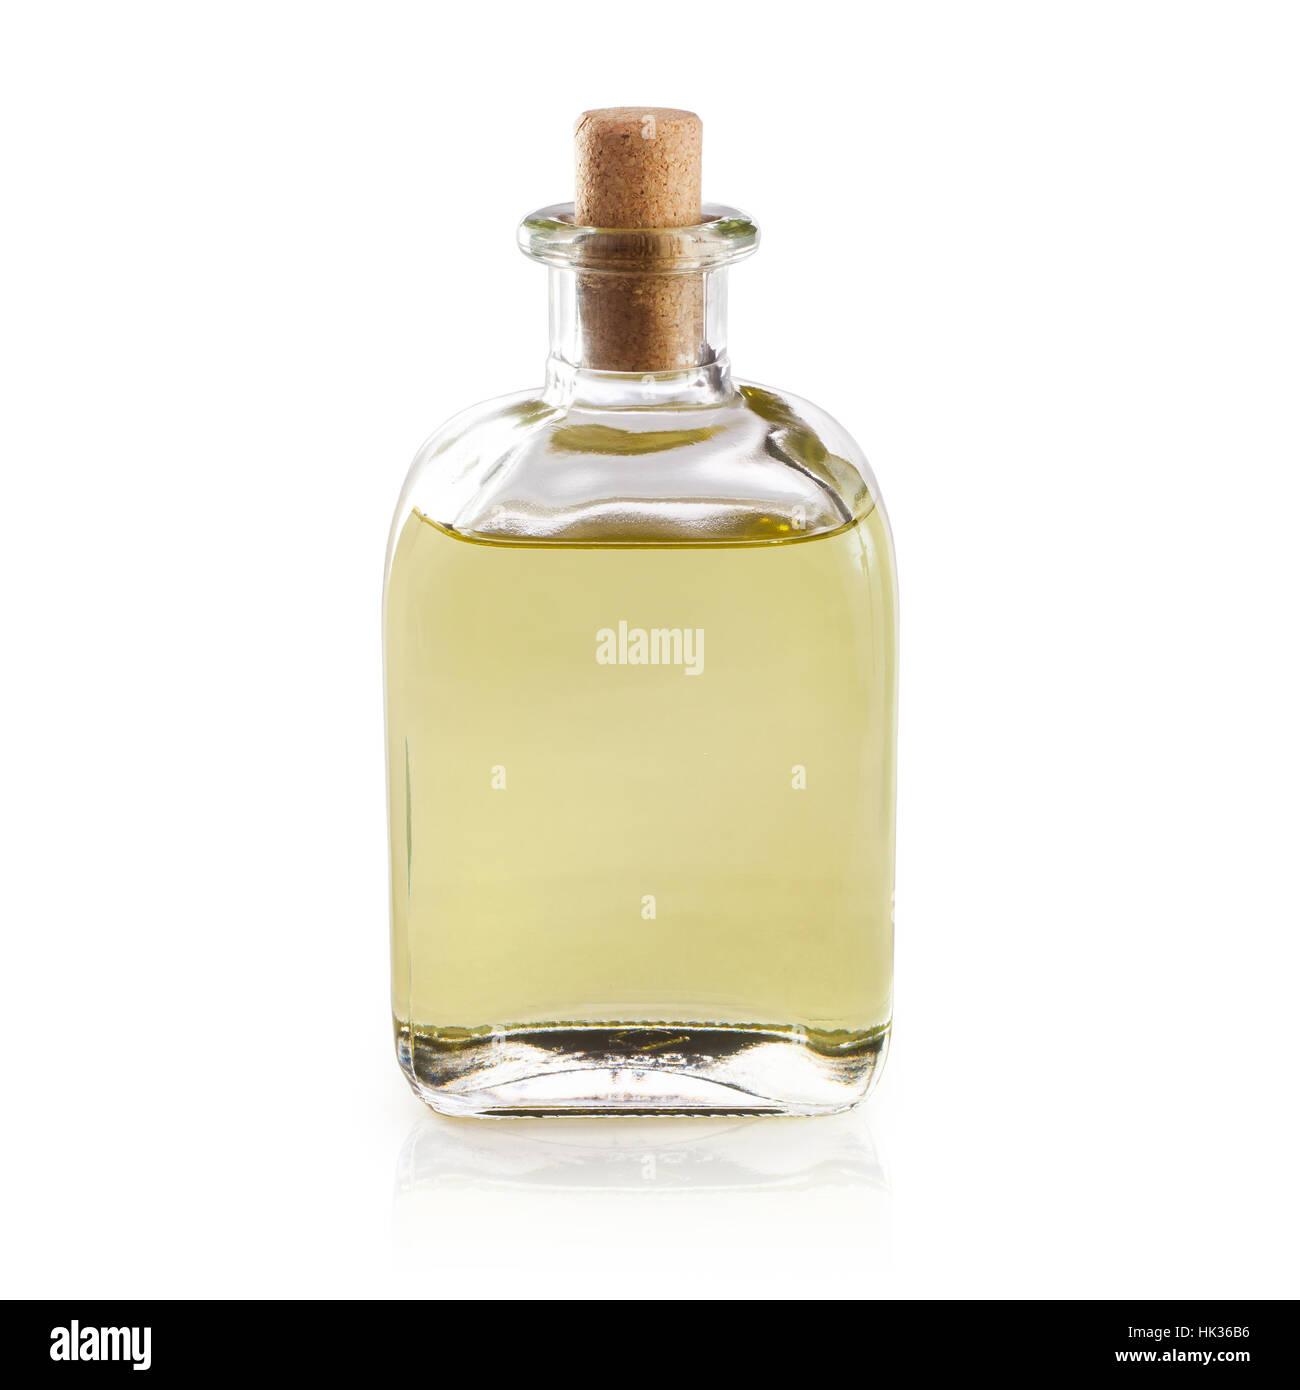 Il liquido in bottiglia isolato su sfondo bianco Immagini Stock